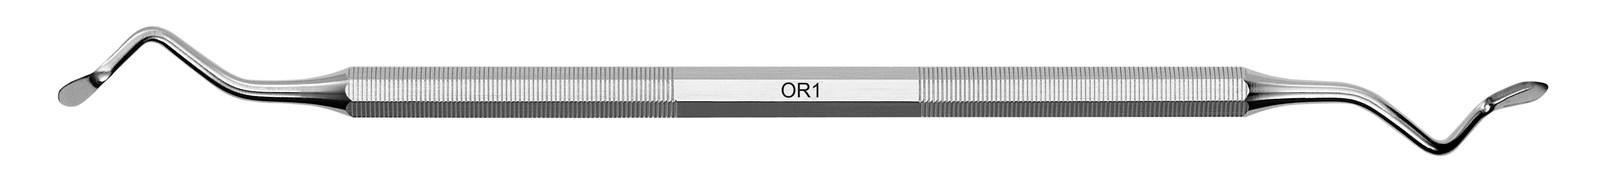 Oboustranný parodontální nůž Orban - OR1, ADEP tmavě zelený